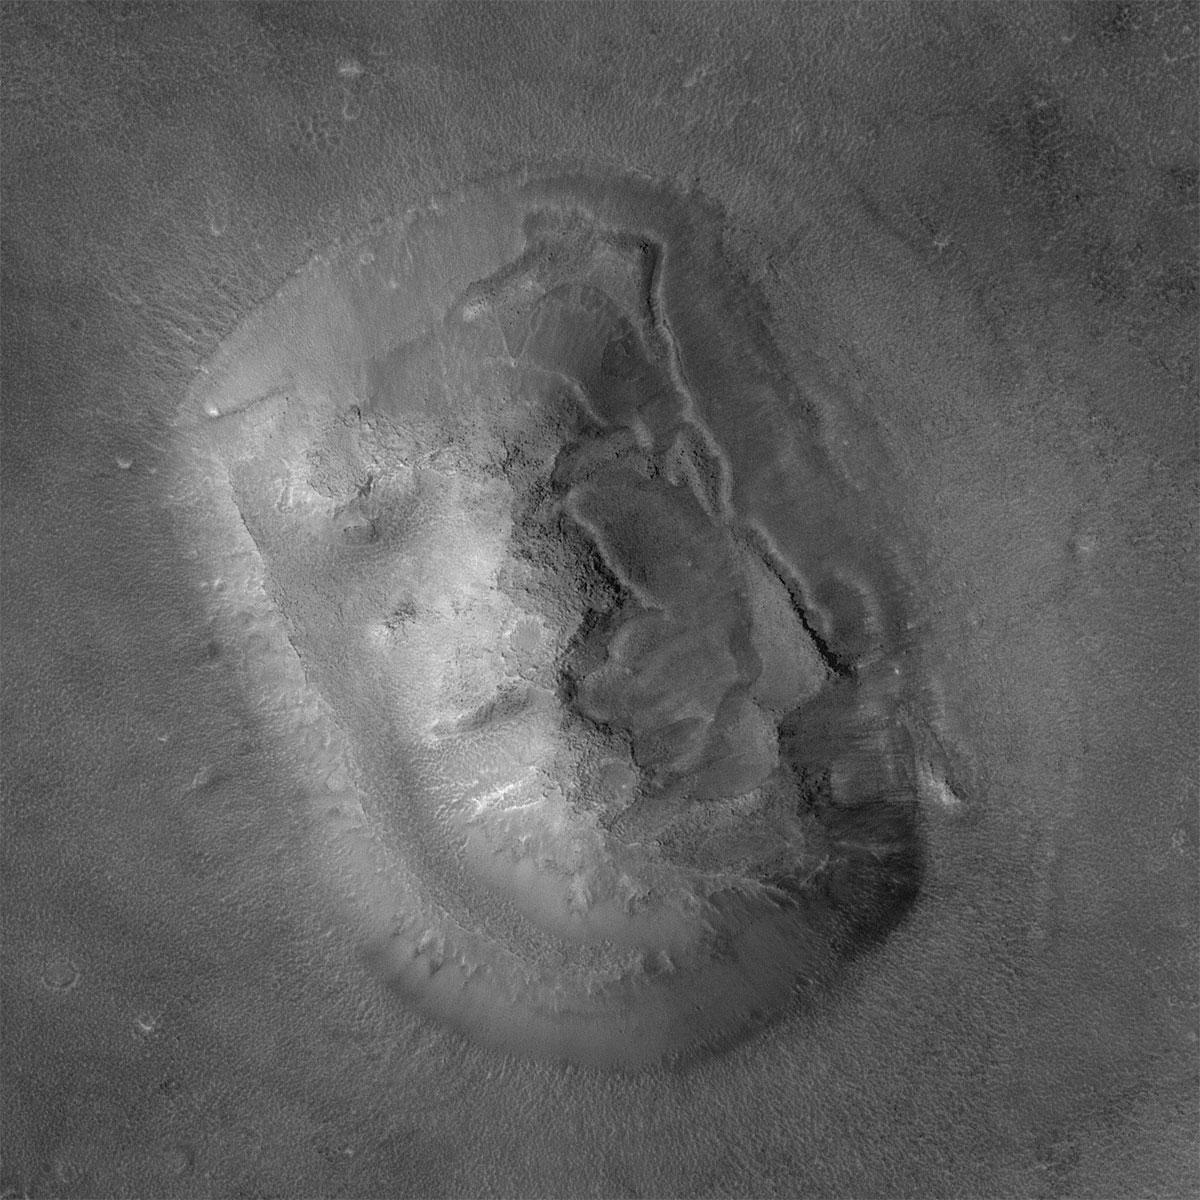 [NASA]